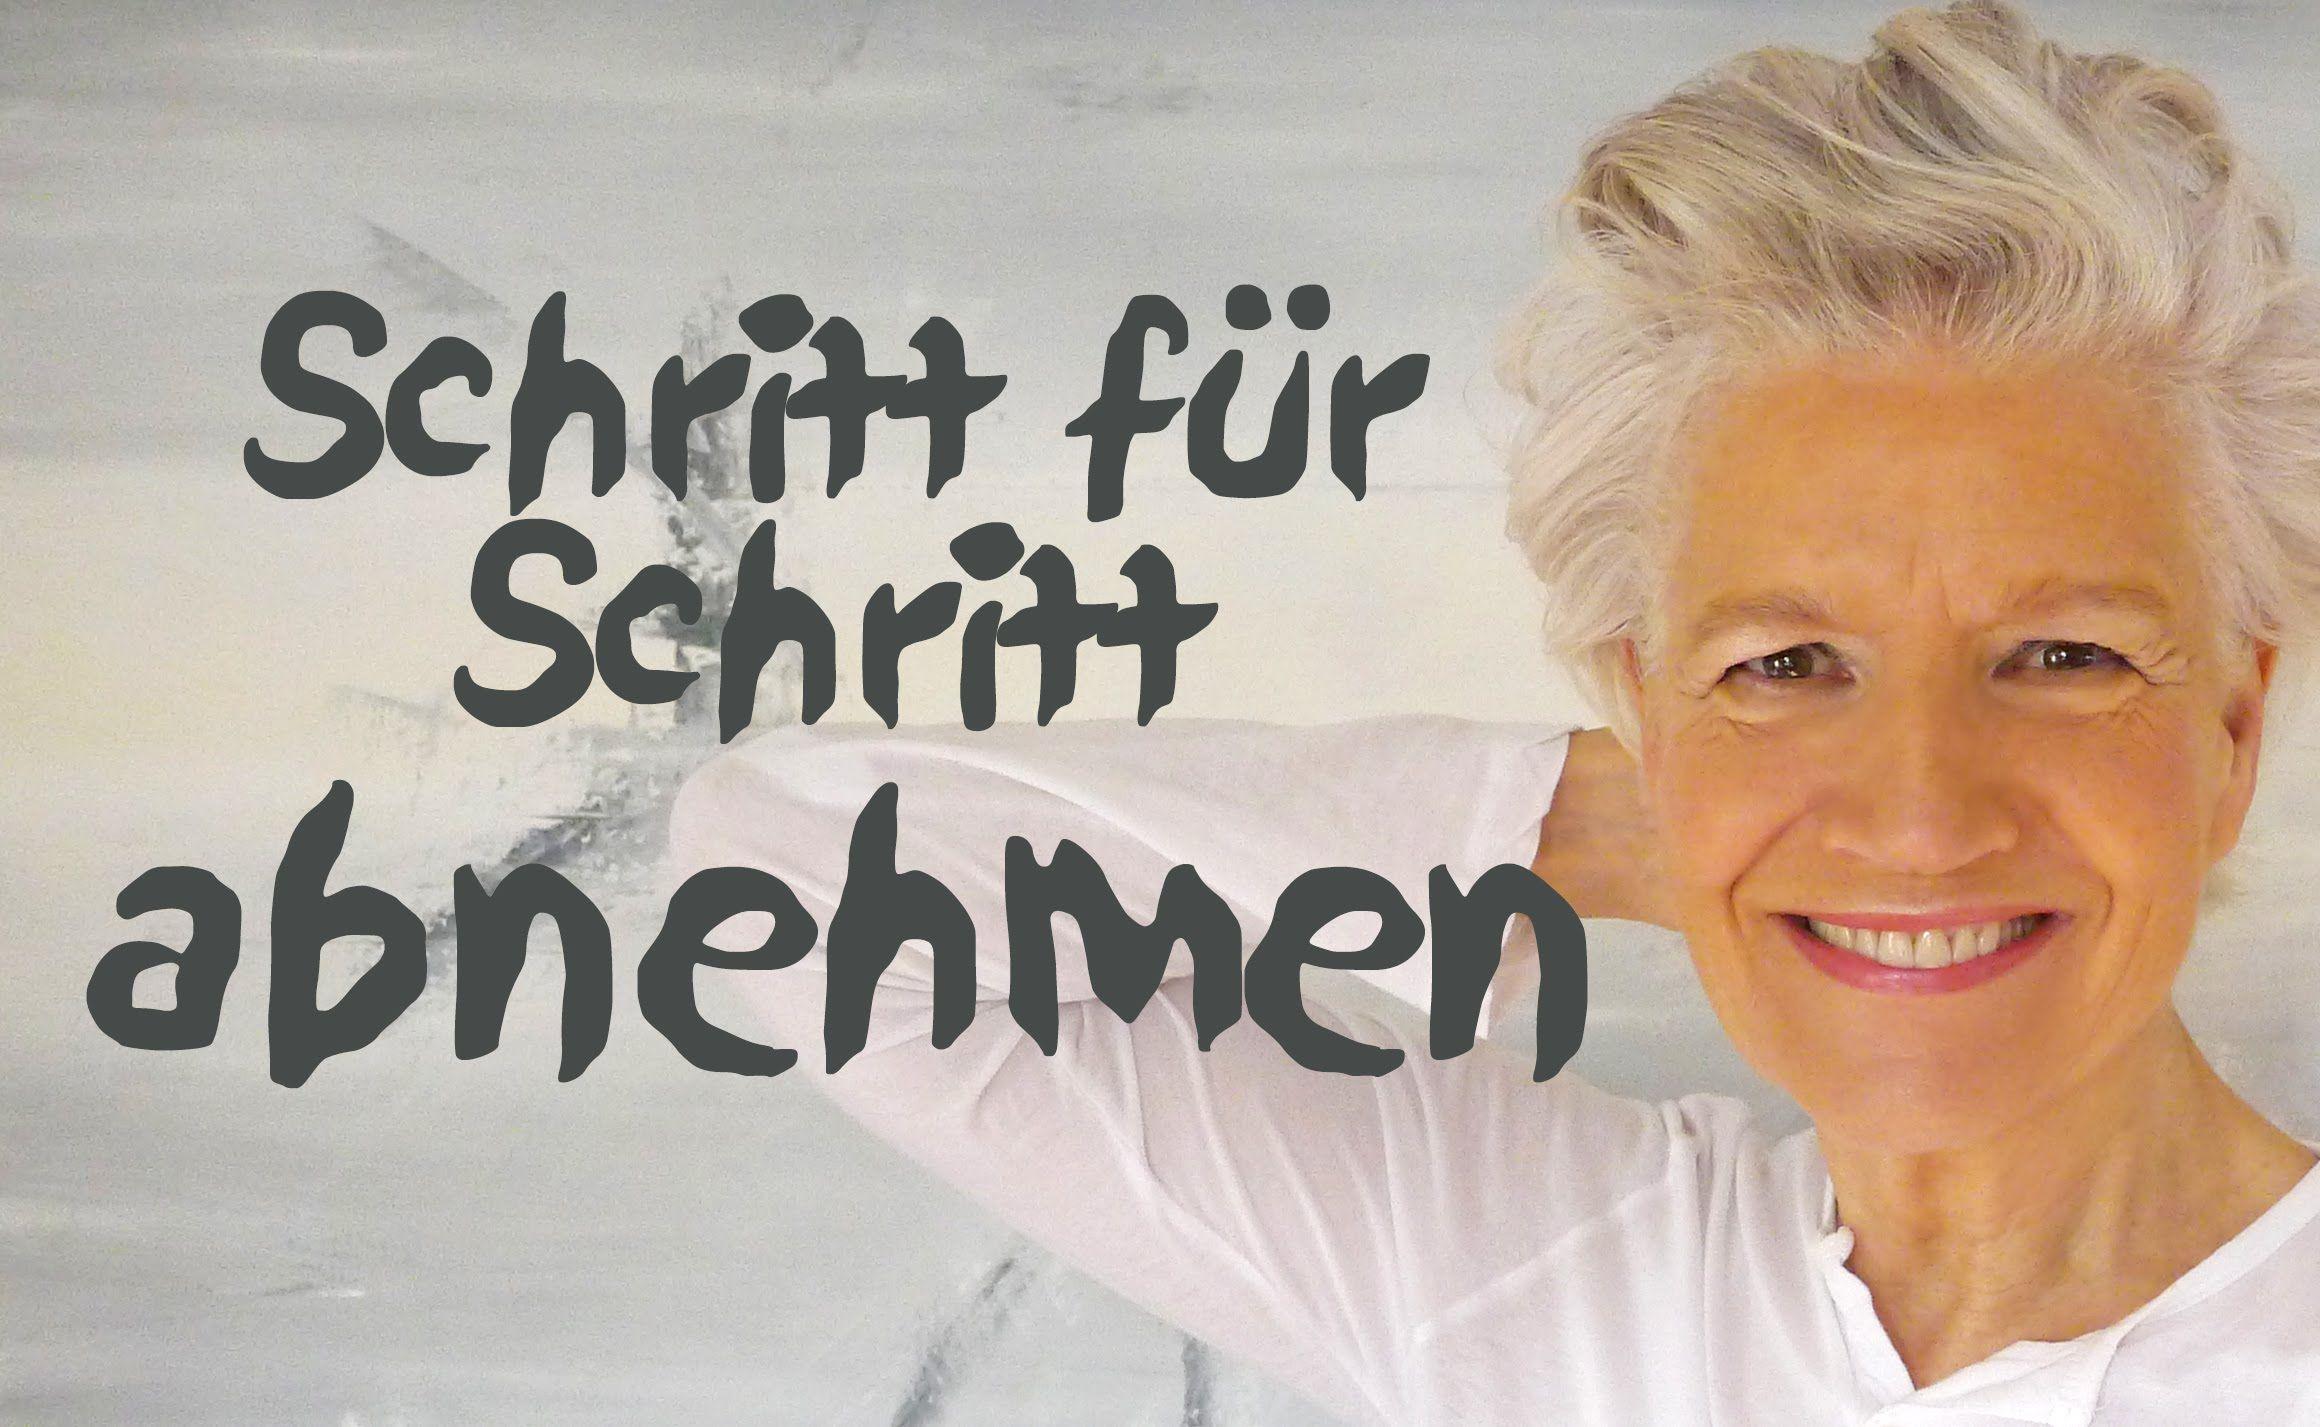 Abnehmen Schritt für Schritt - Greta Silver | Gesundheit | Pinterest ...